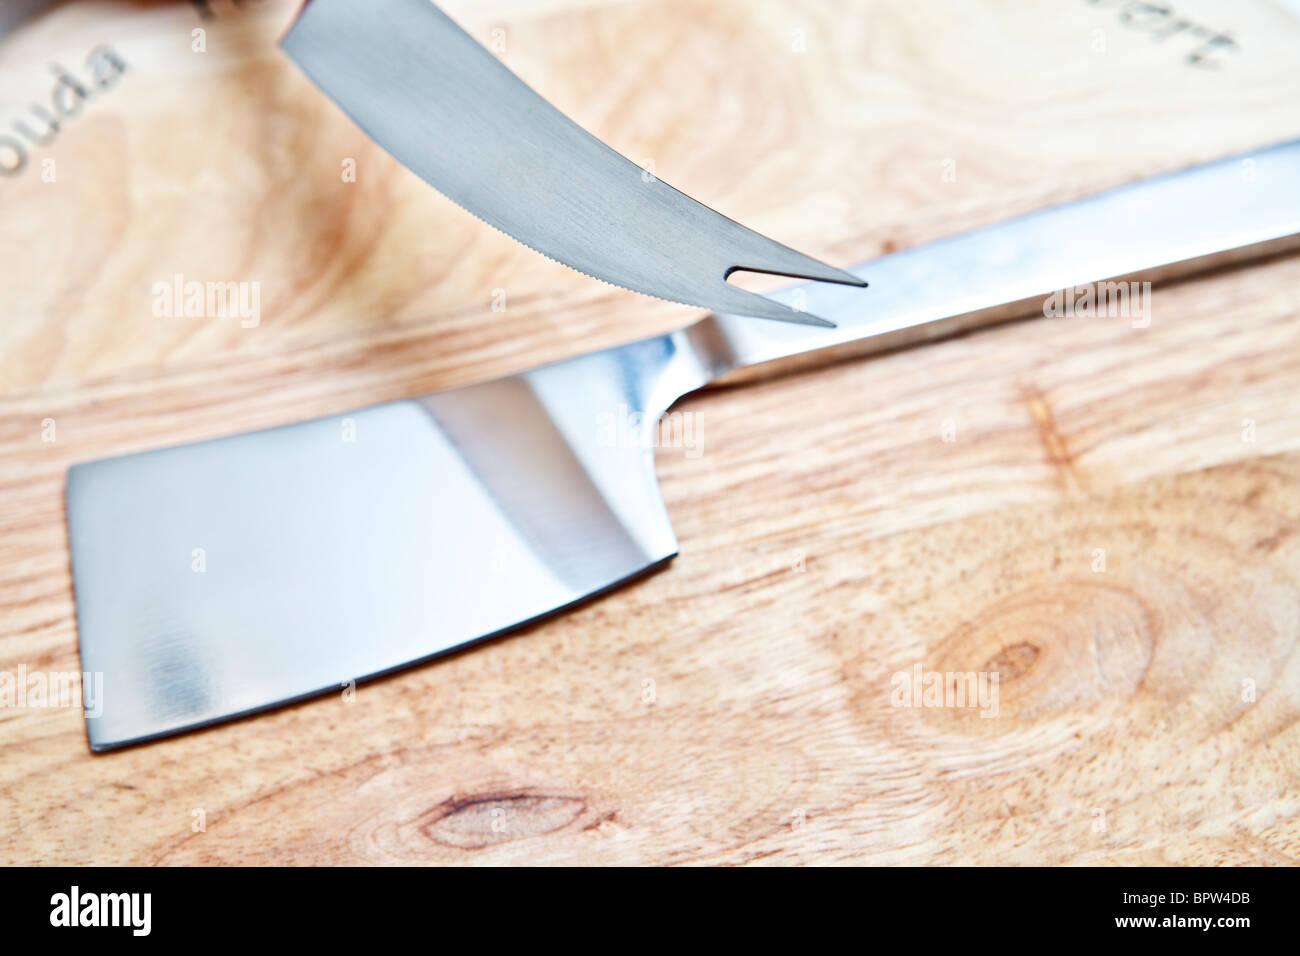 Edelstahl Küchengerät auf Holzbrett Stockbild